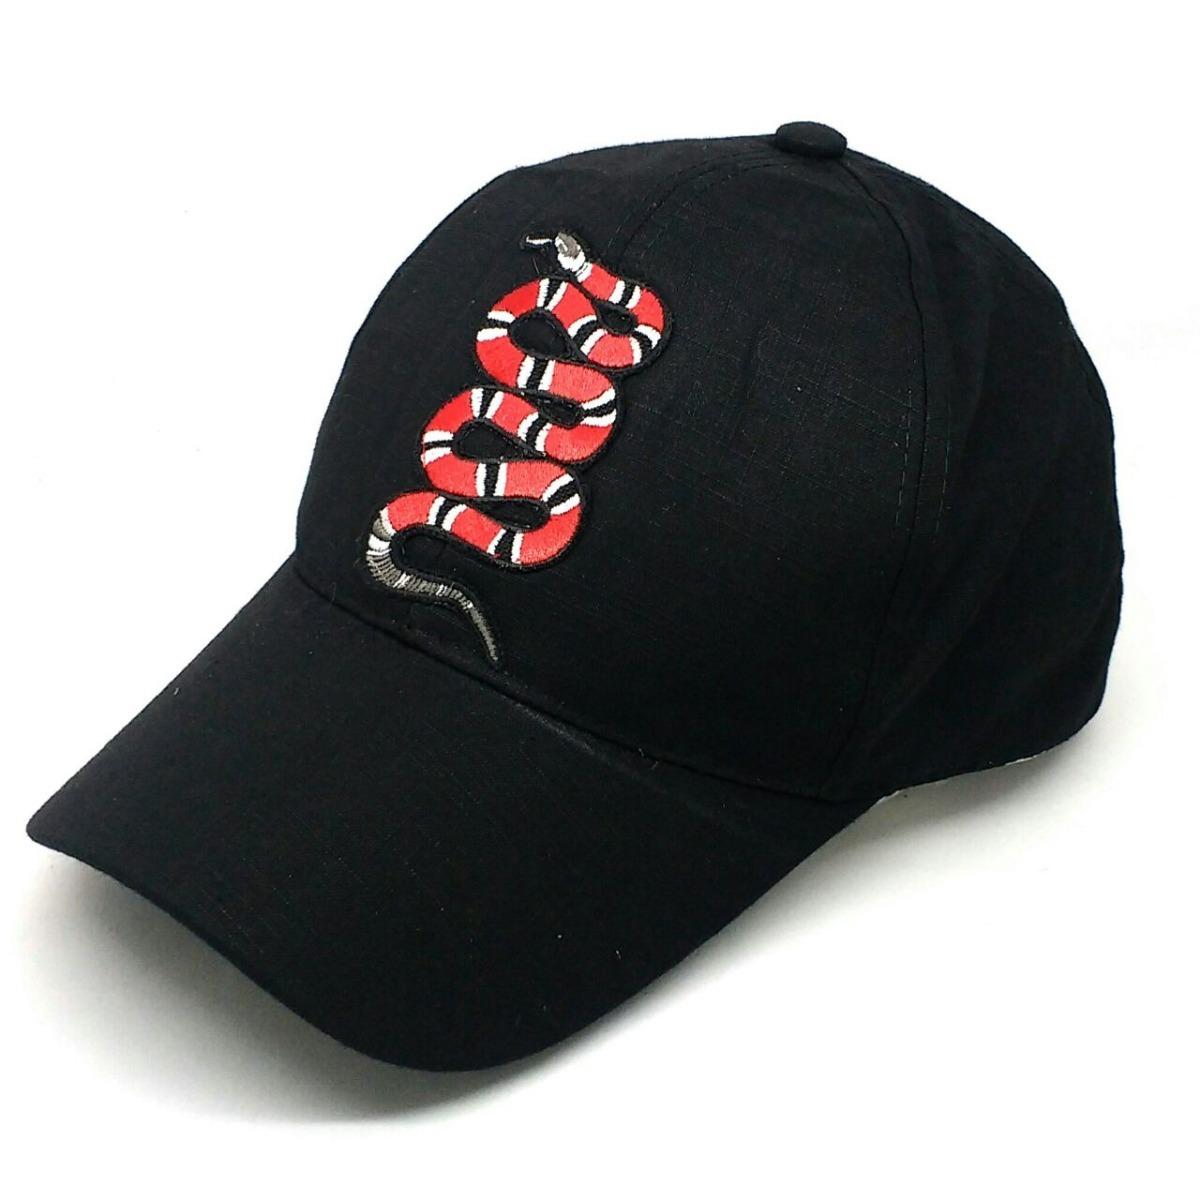 gorra con bordado de calidad serpiente de gucci fotos reales. Cargando zoom. 0e4ed61889d